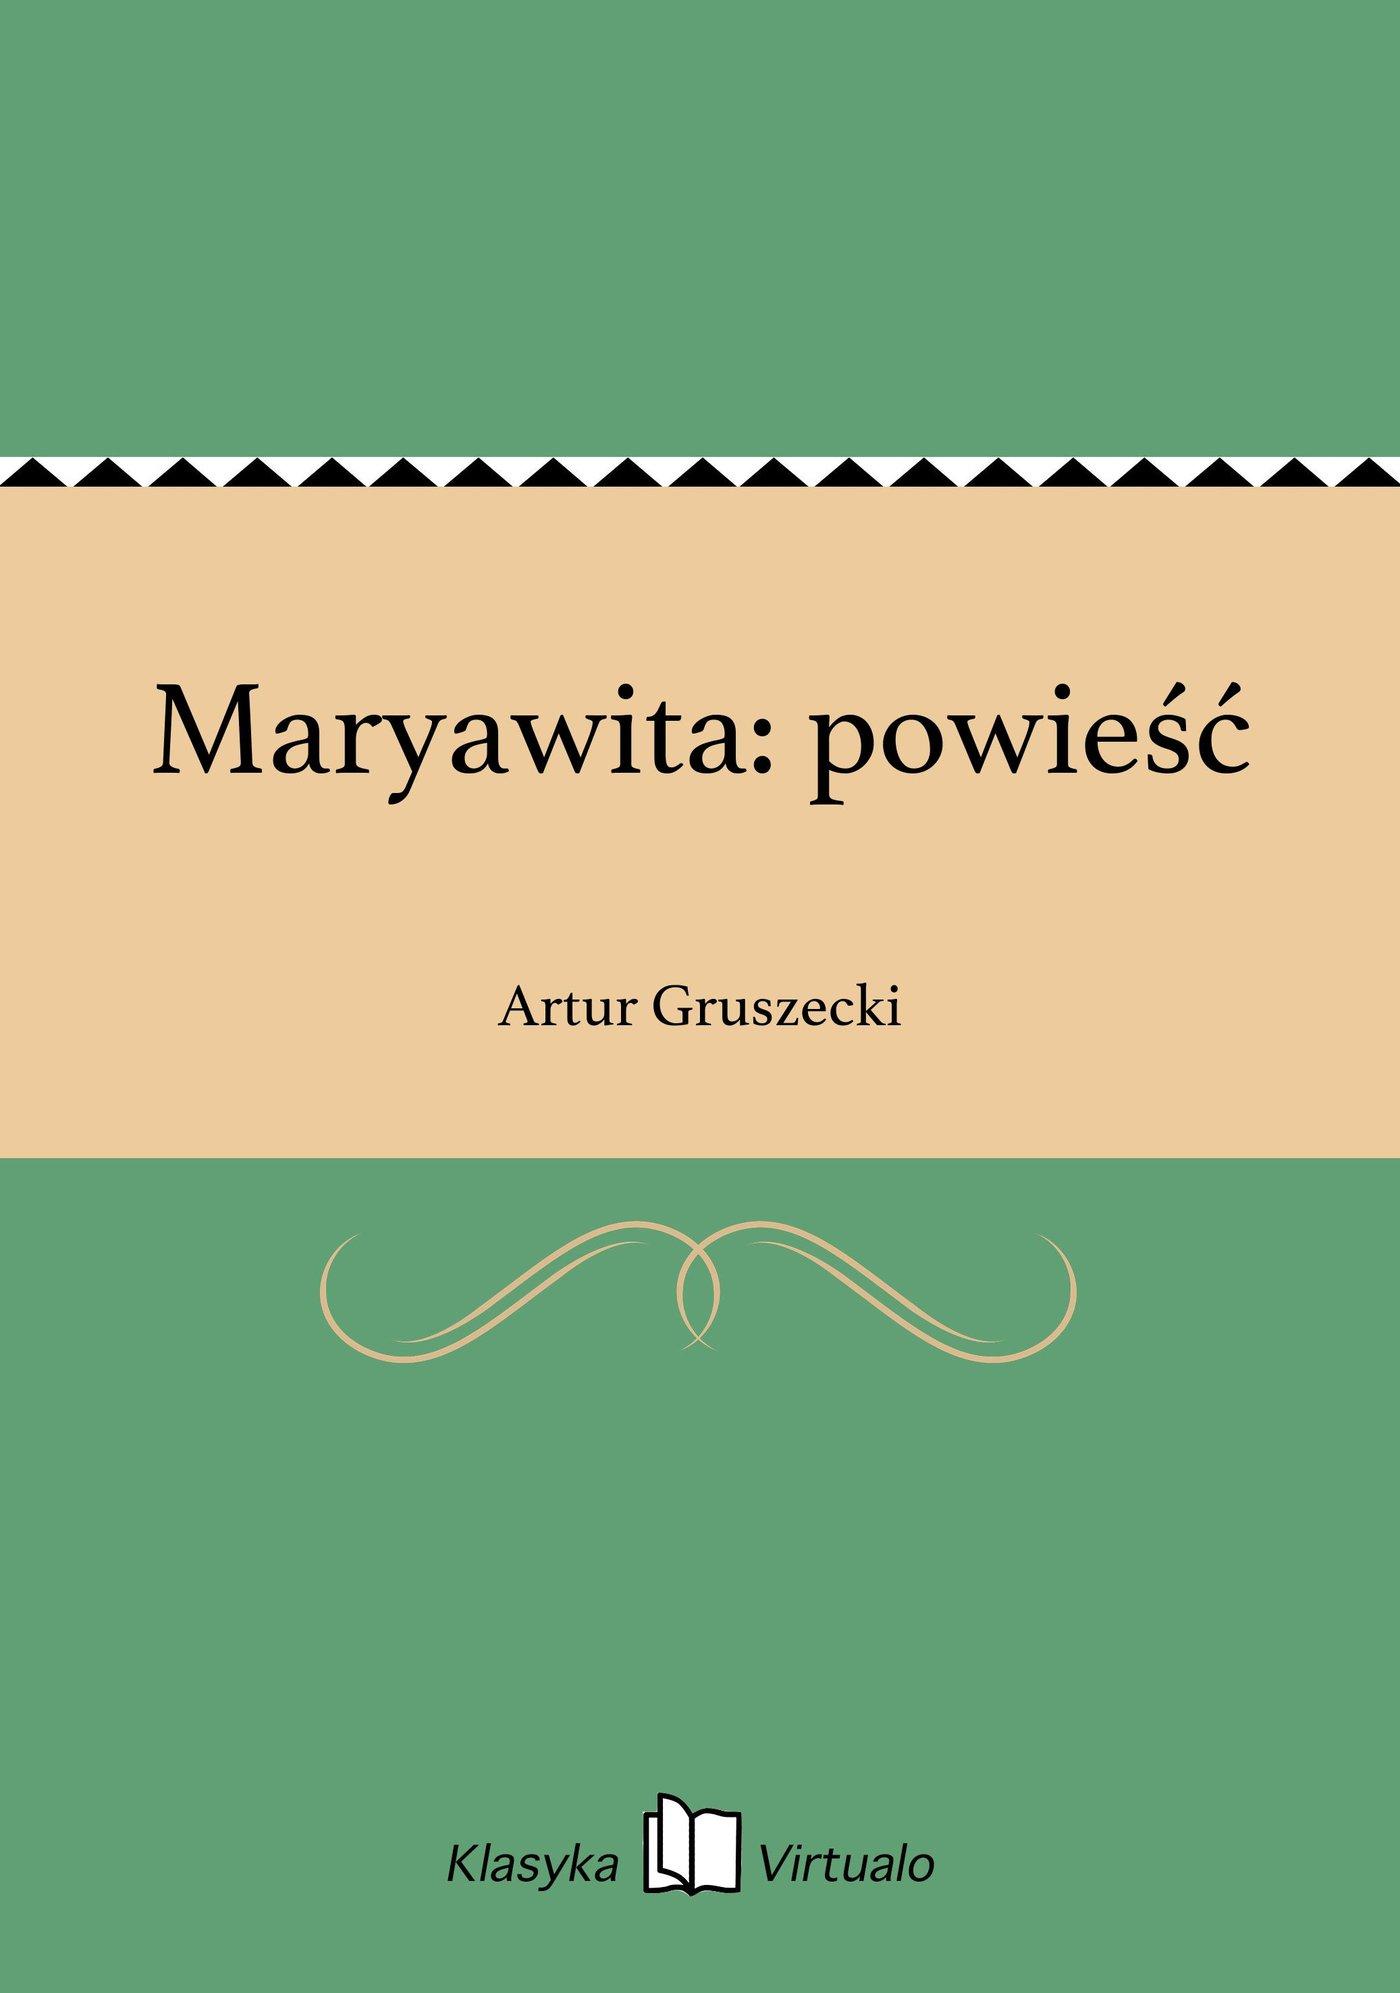 Maryawita: powieść - Ebook (Książka na Kindle) do pobrania w formacie MOBI